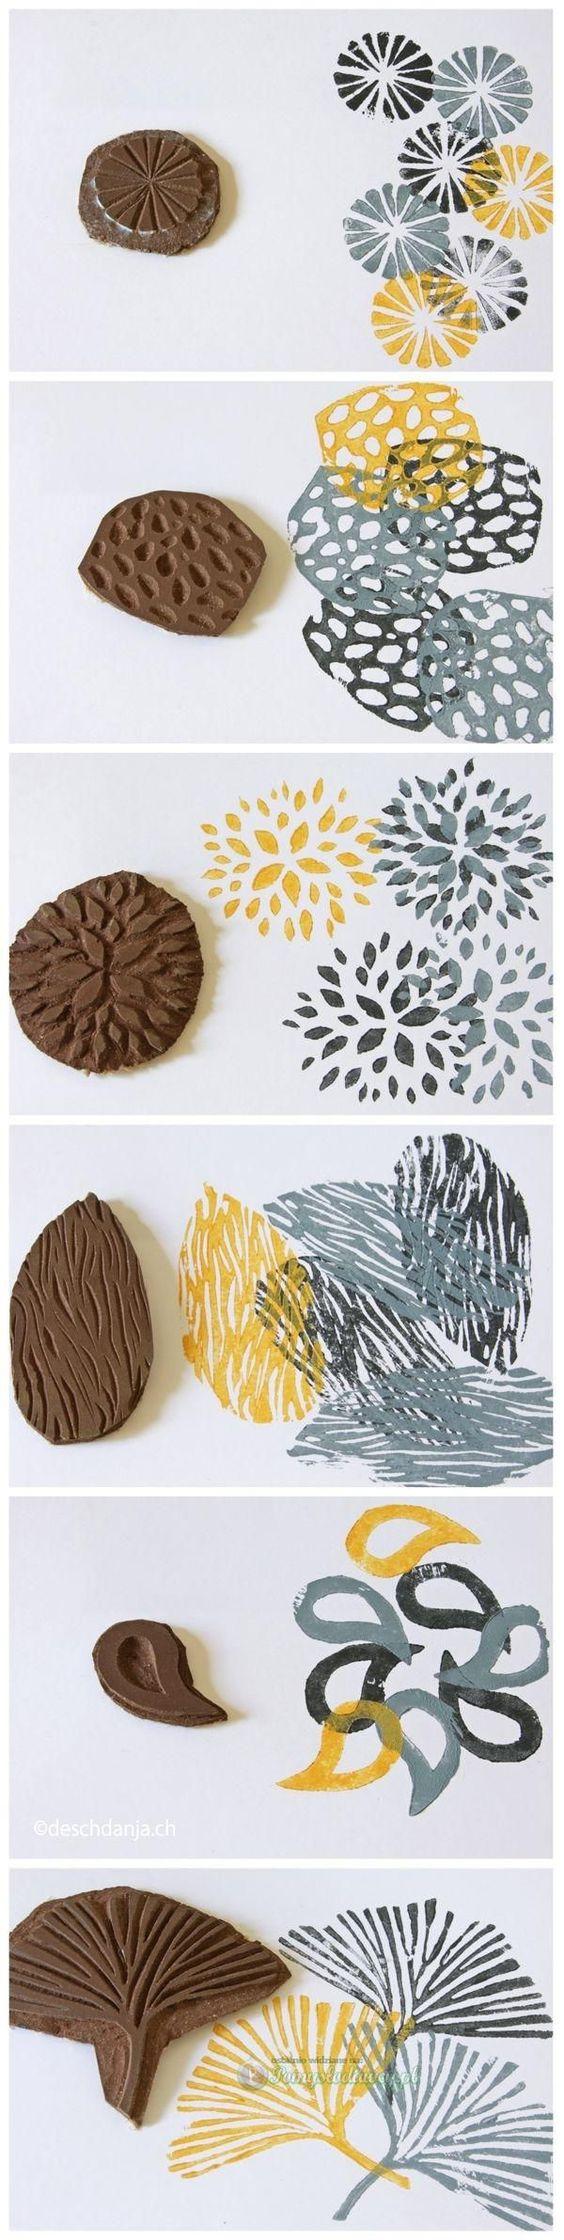 Ganz großer Effekt mit wenig Aufwand - mit Stempeln aus Linol! Ganz einfach selber machen: Bringt Farbe auf Grußkarten, Briefe, Geschenke oder sogar Wände! #DIY